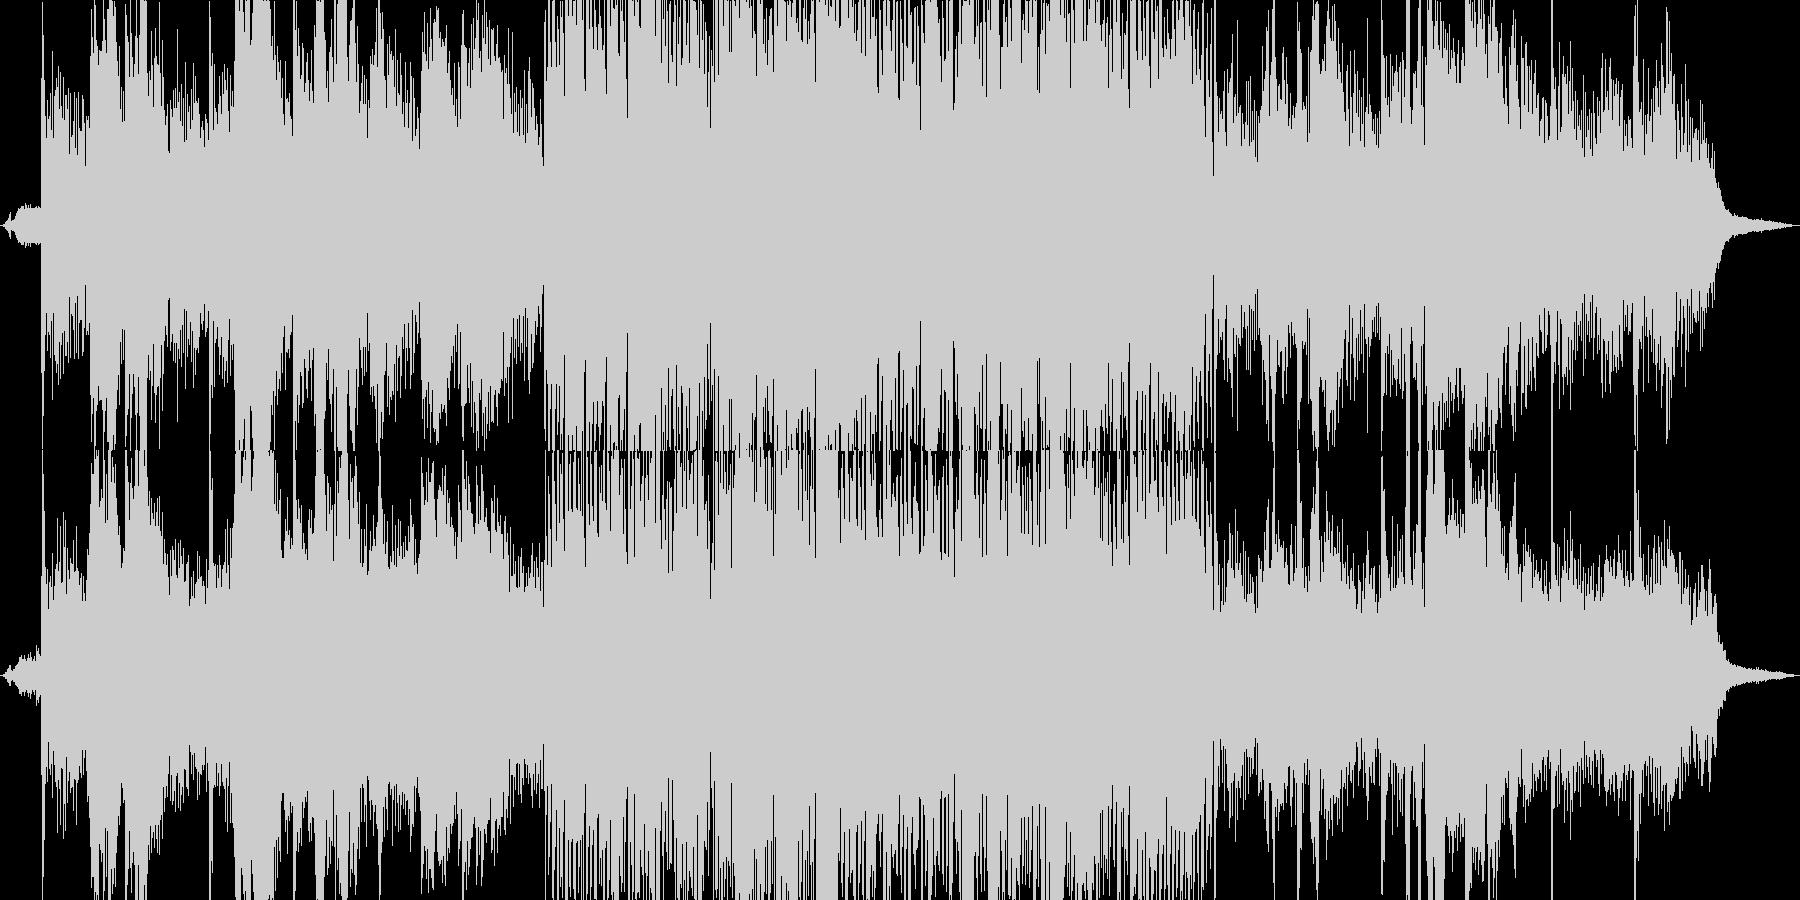 透明感のあるヒーリング+川のせせらぎの未再生の波形